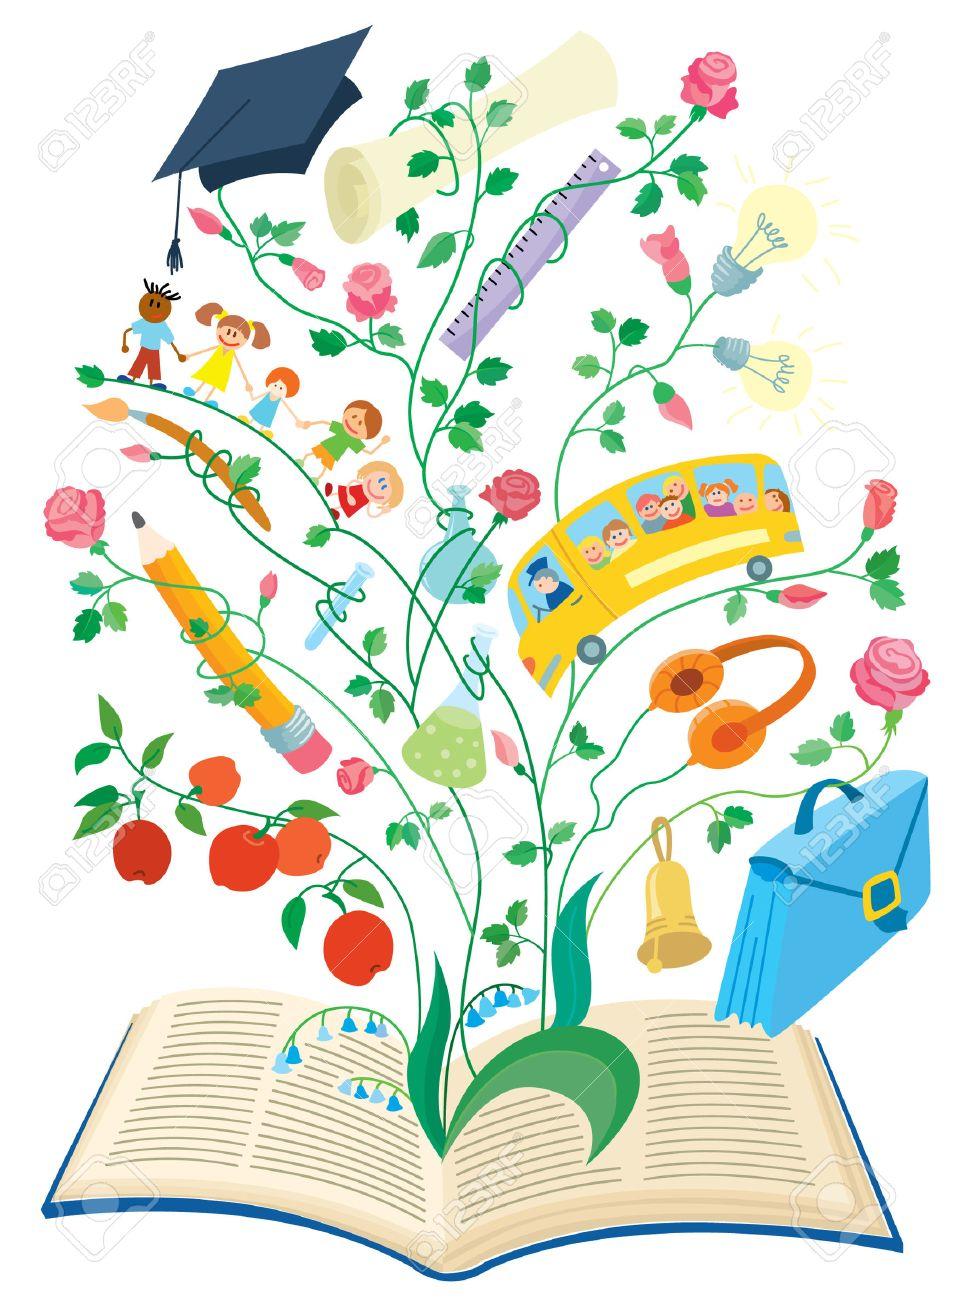 The magic book..